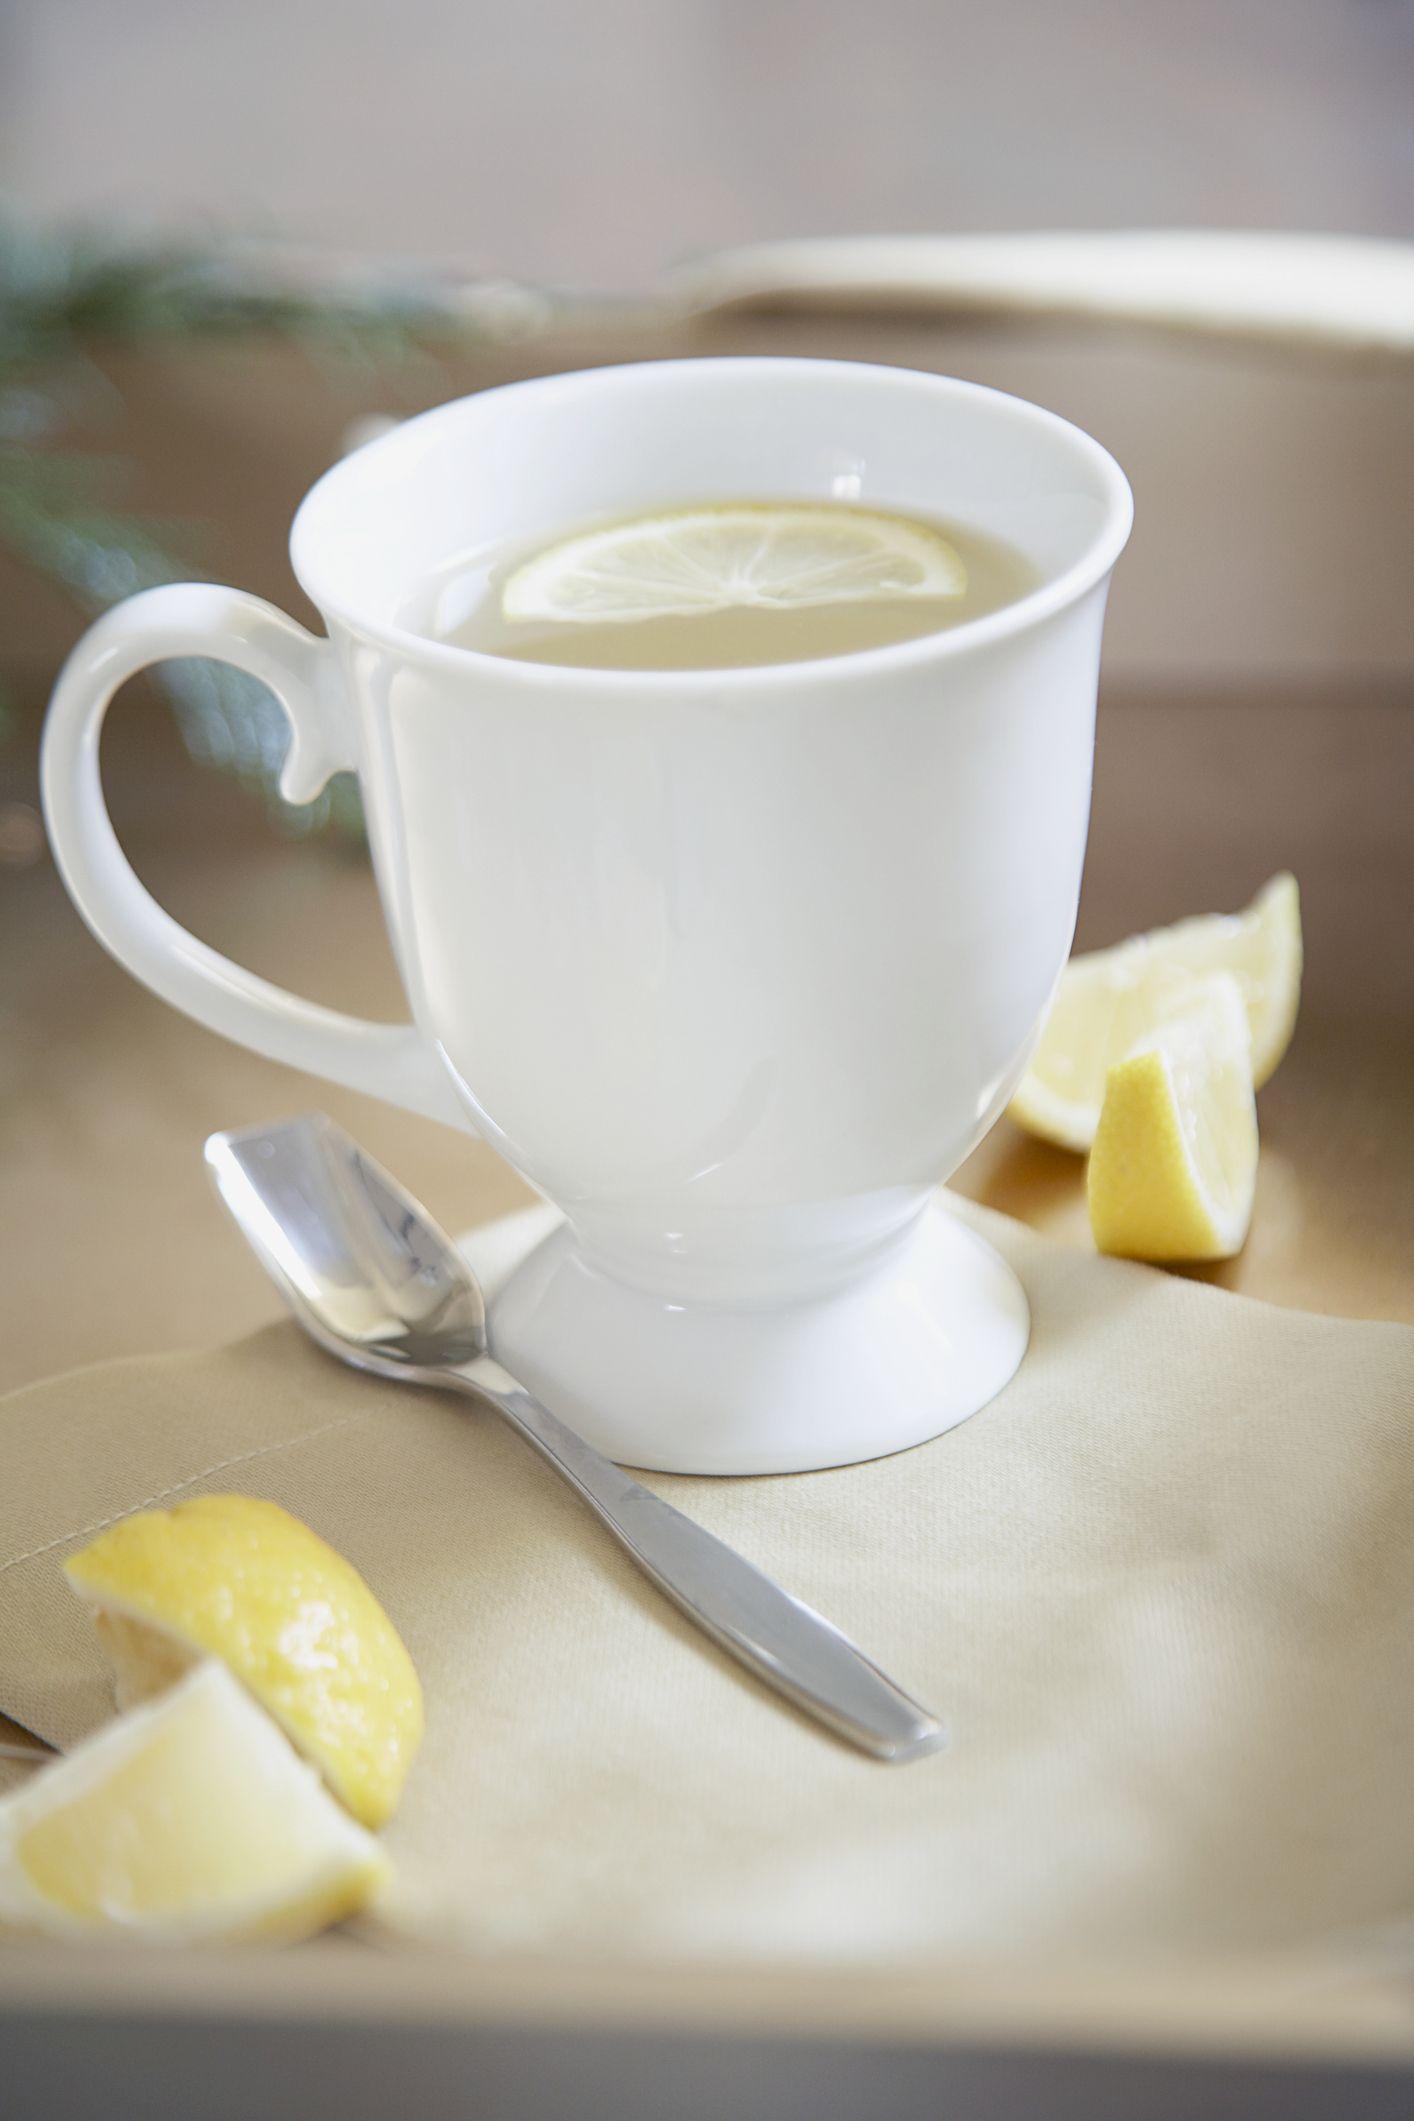 Lemon slice floating in coffee cup